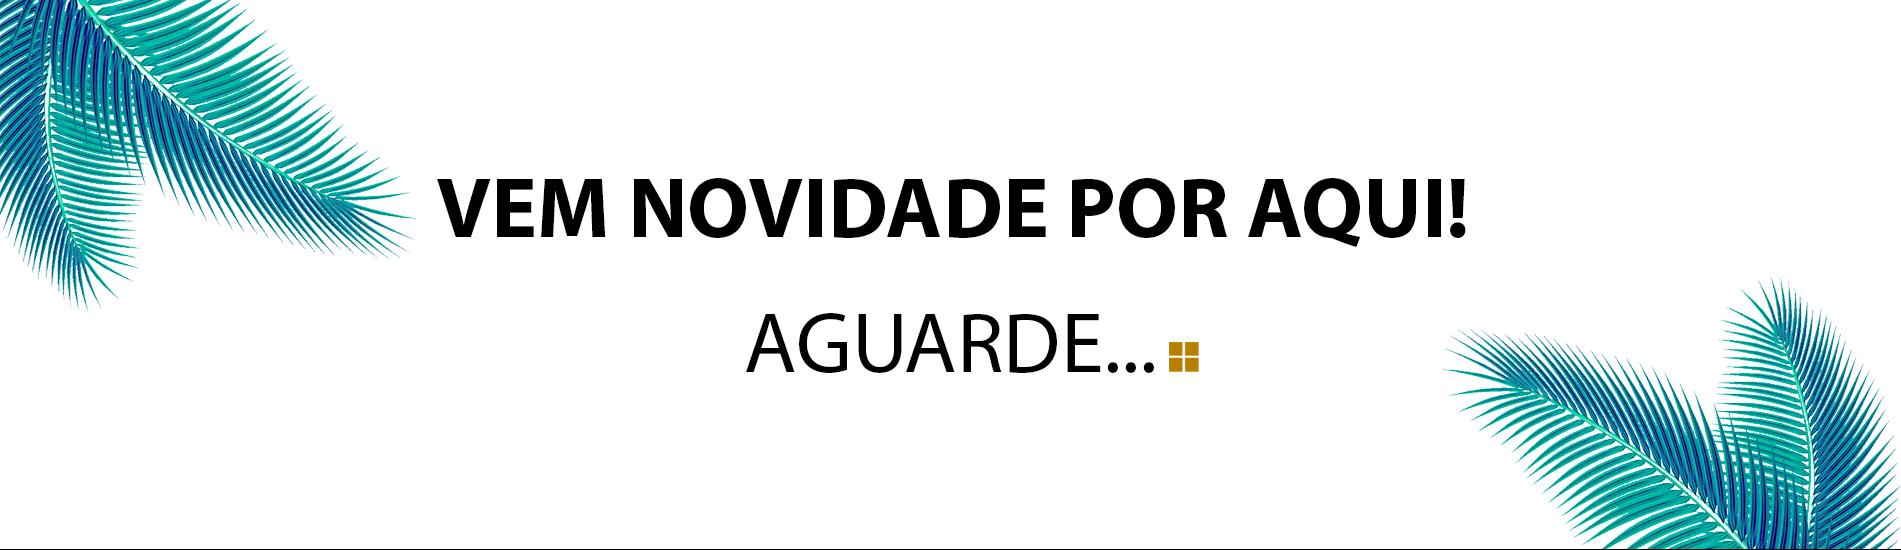 huebra, a marca oficial do samba!